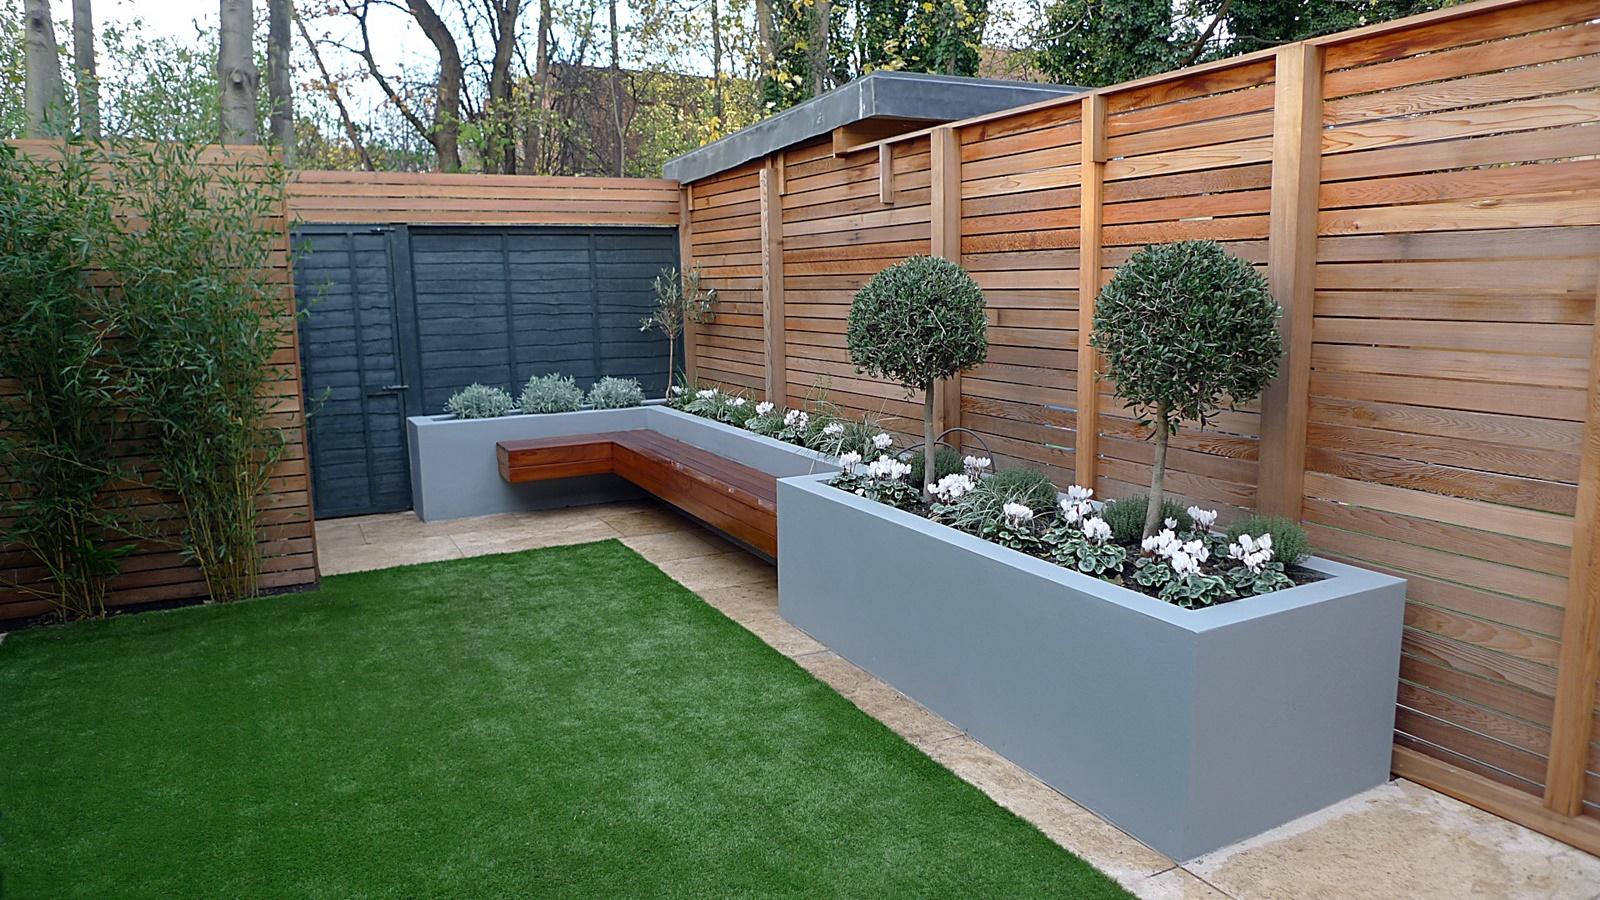 Moderne Gartengestaltung Mit Hochbeeten Tipps Fur Kleine Grunoasen